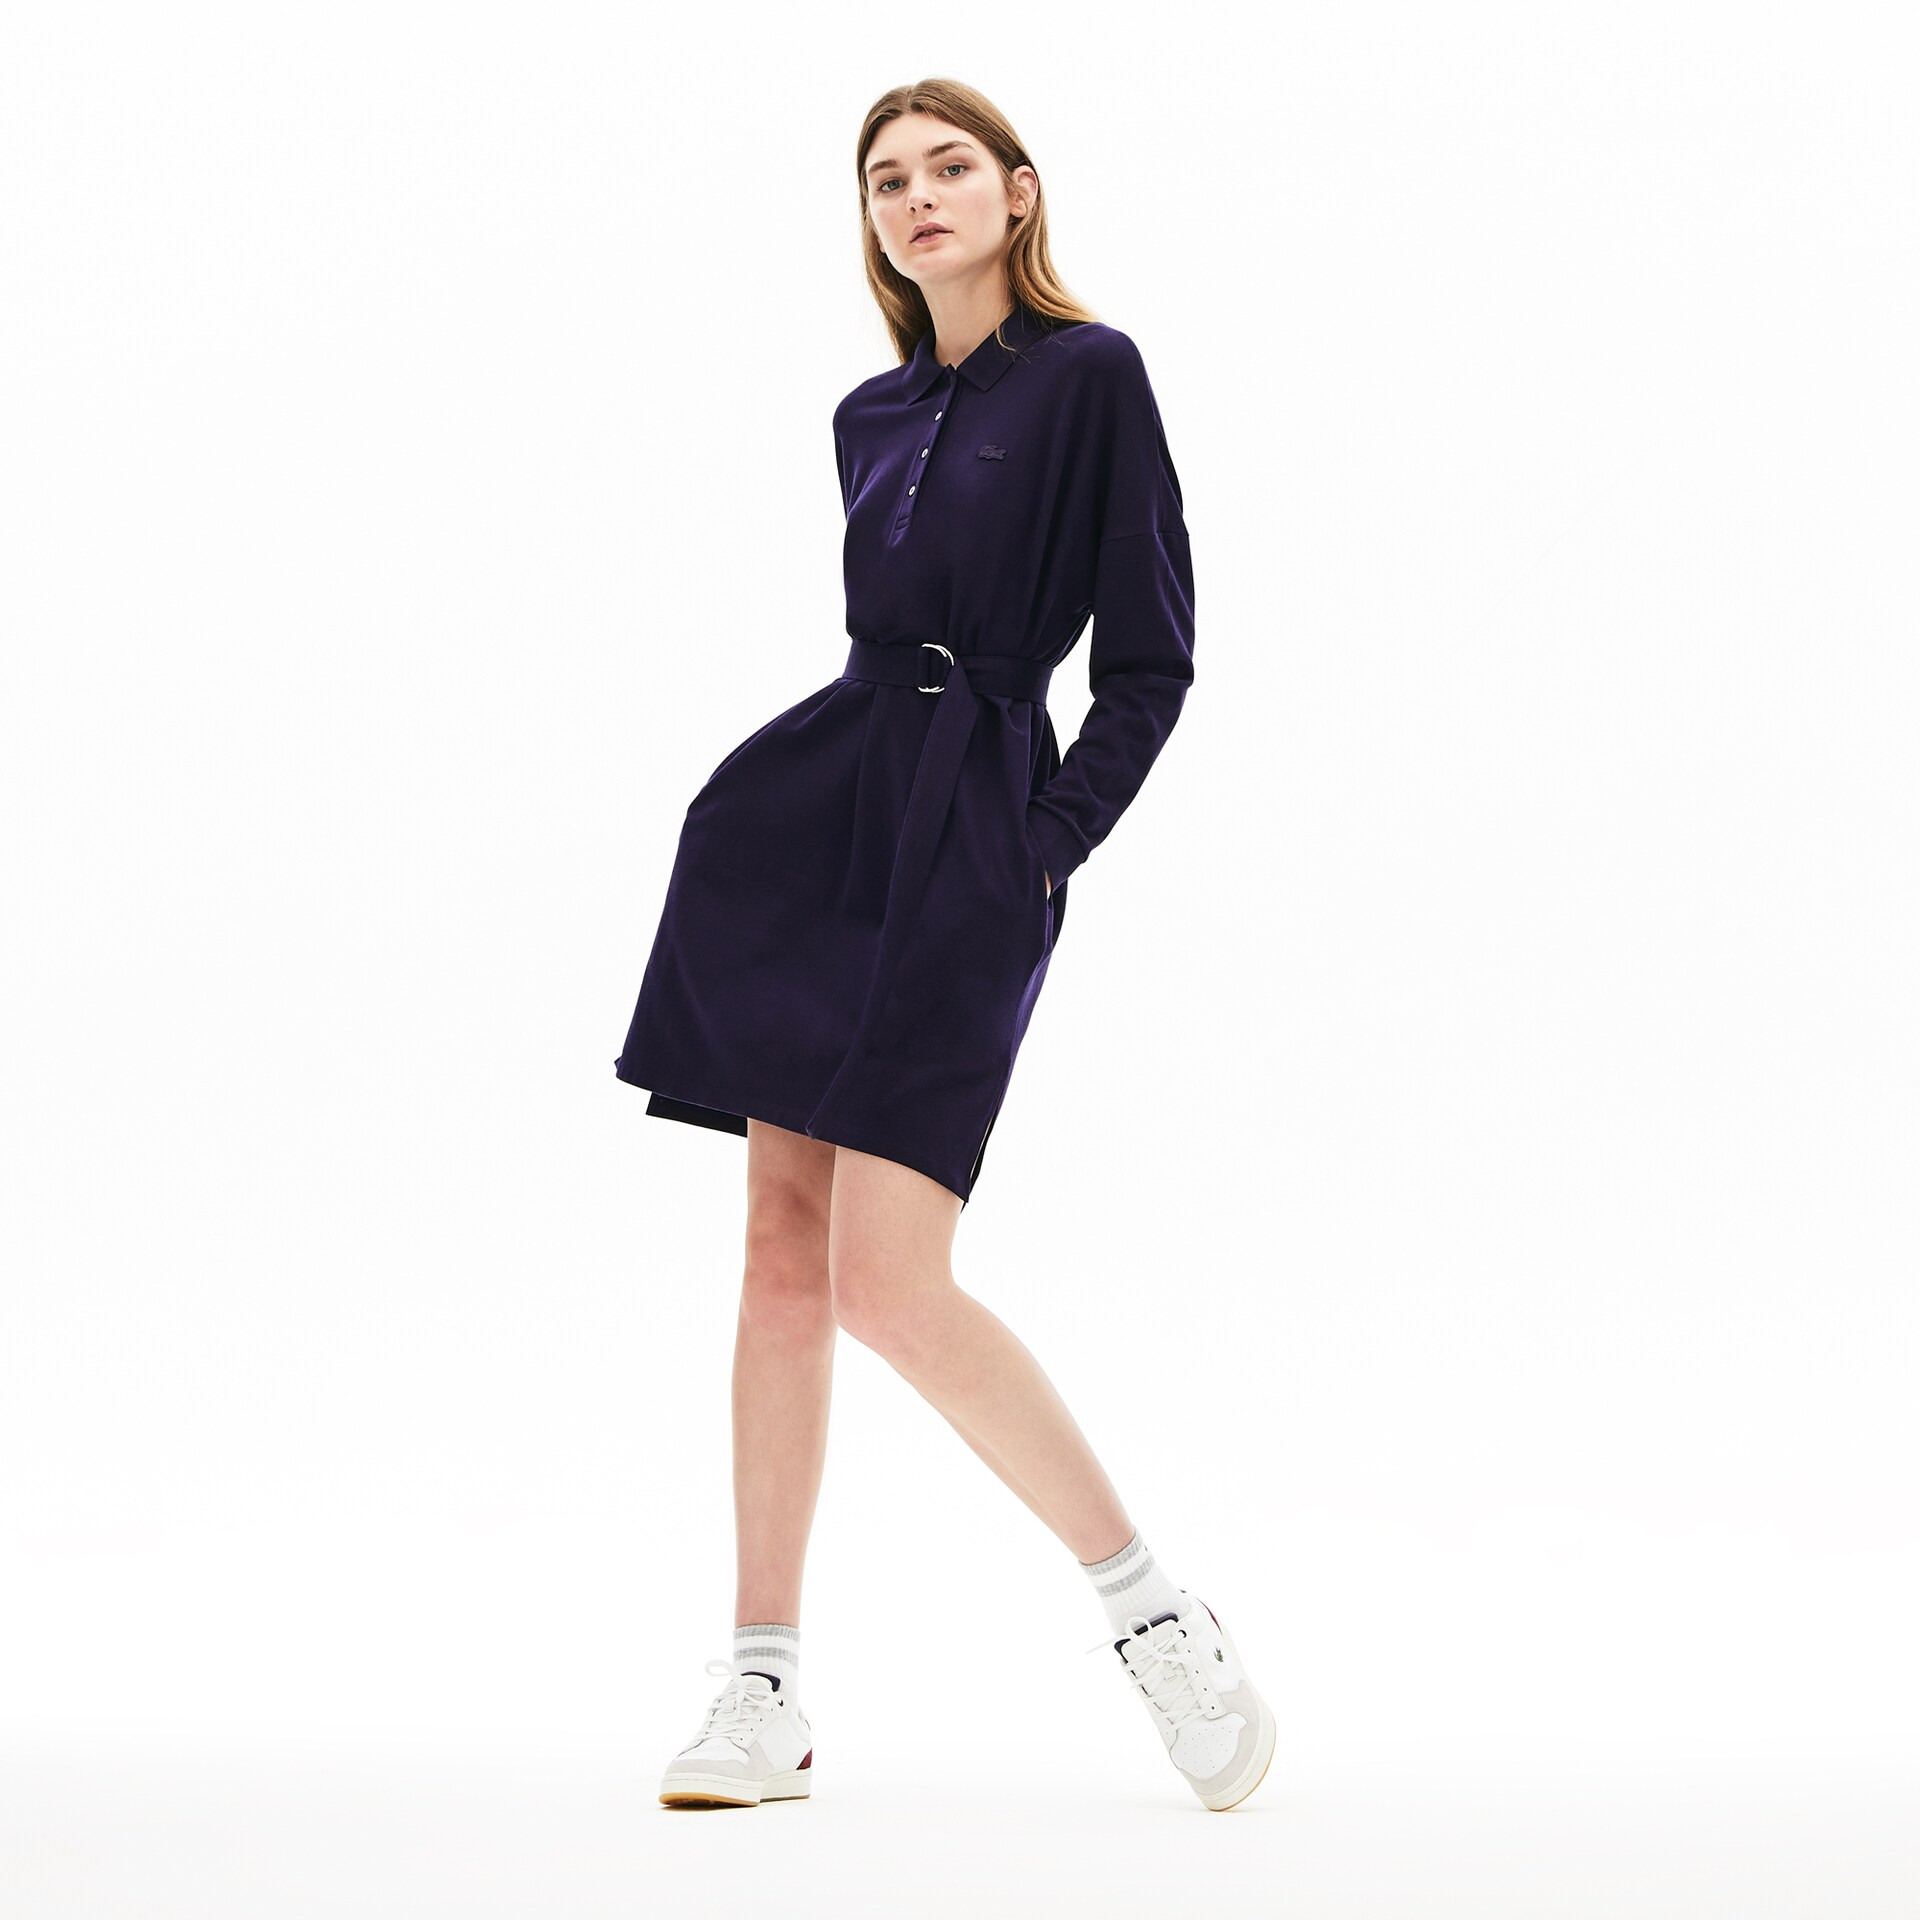 Damen Kleider Und Röcke  Sportliche Und Elegante Styles